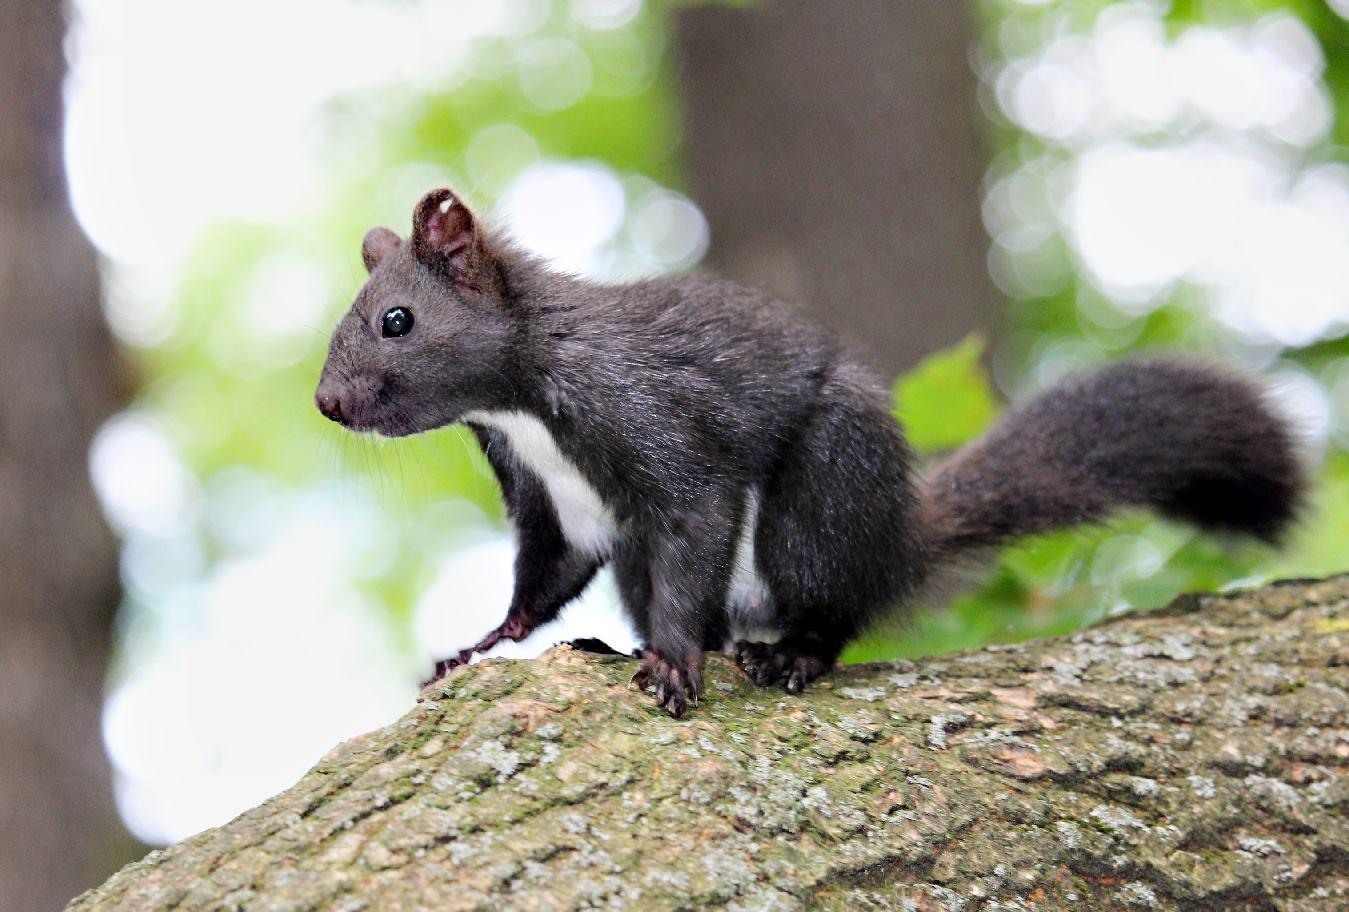 Víte, proč jsou veverky někde zrzavé a jinde černé?